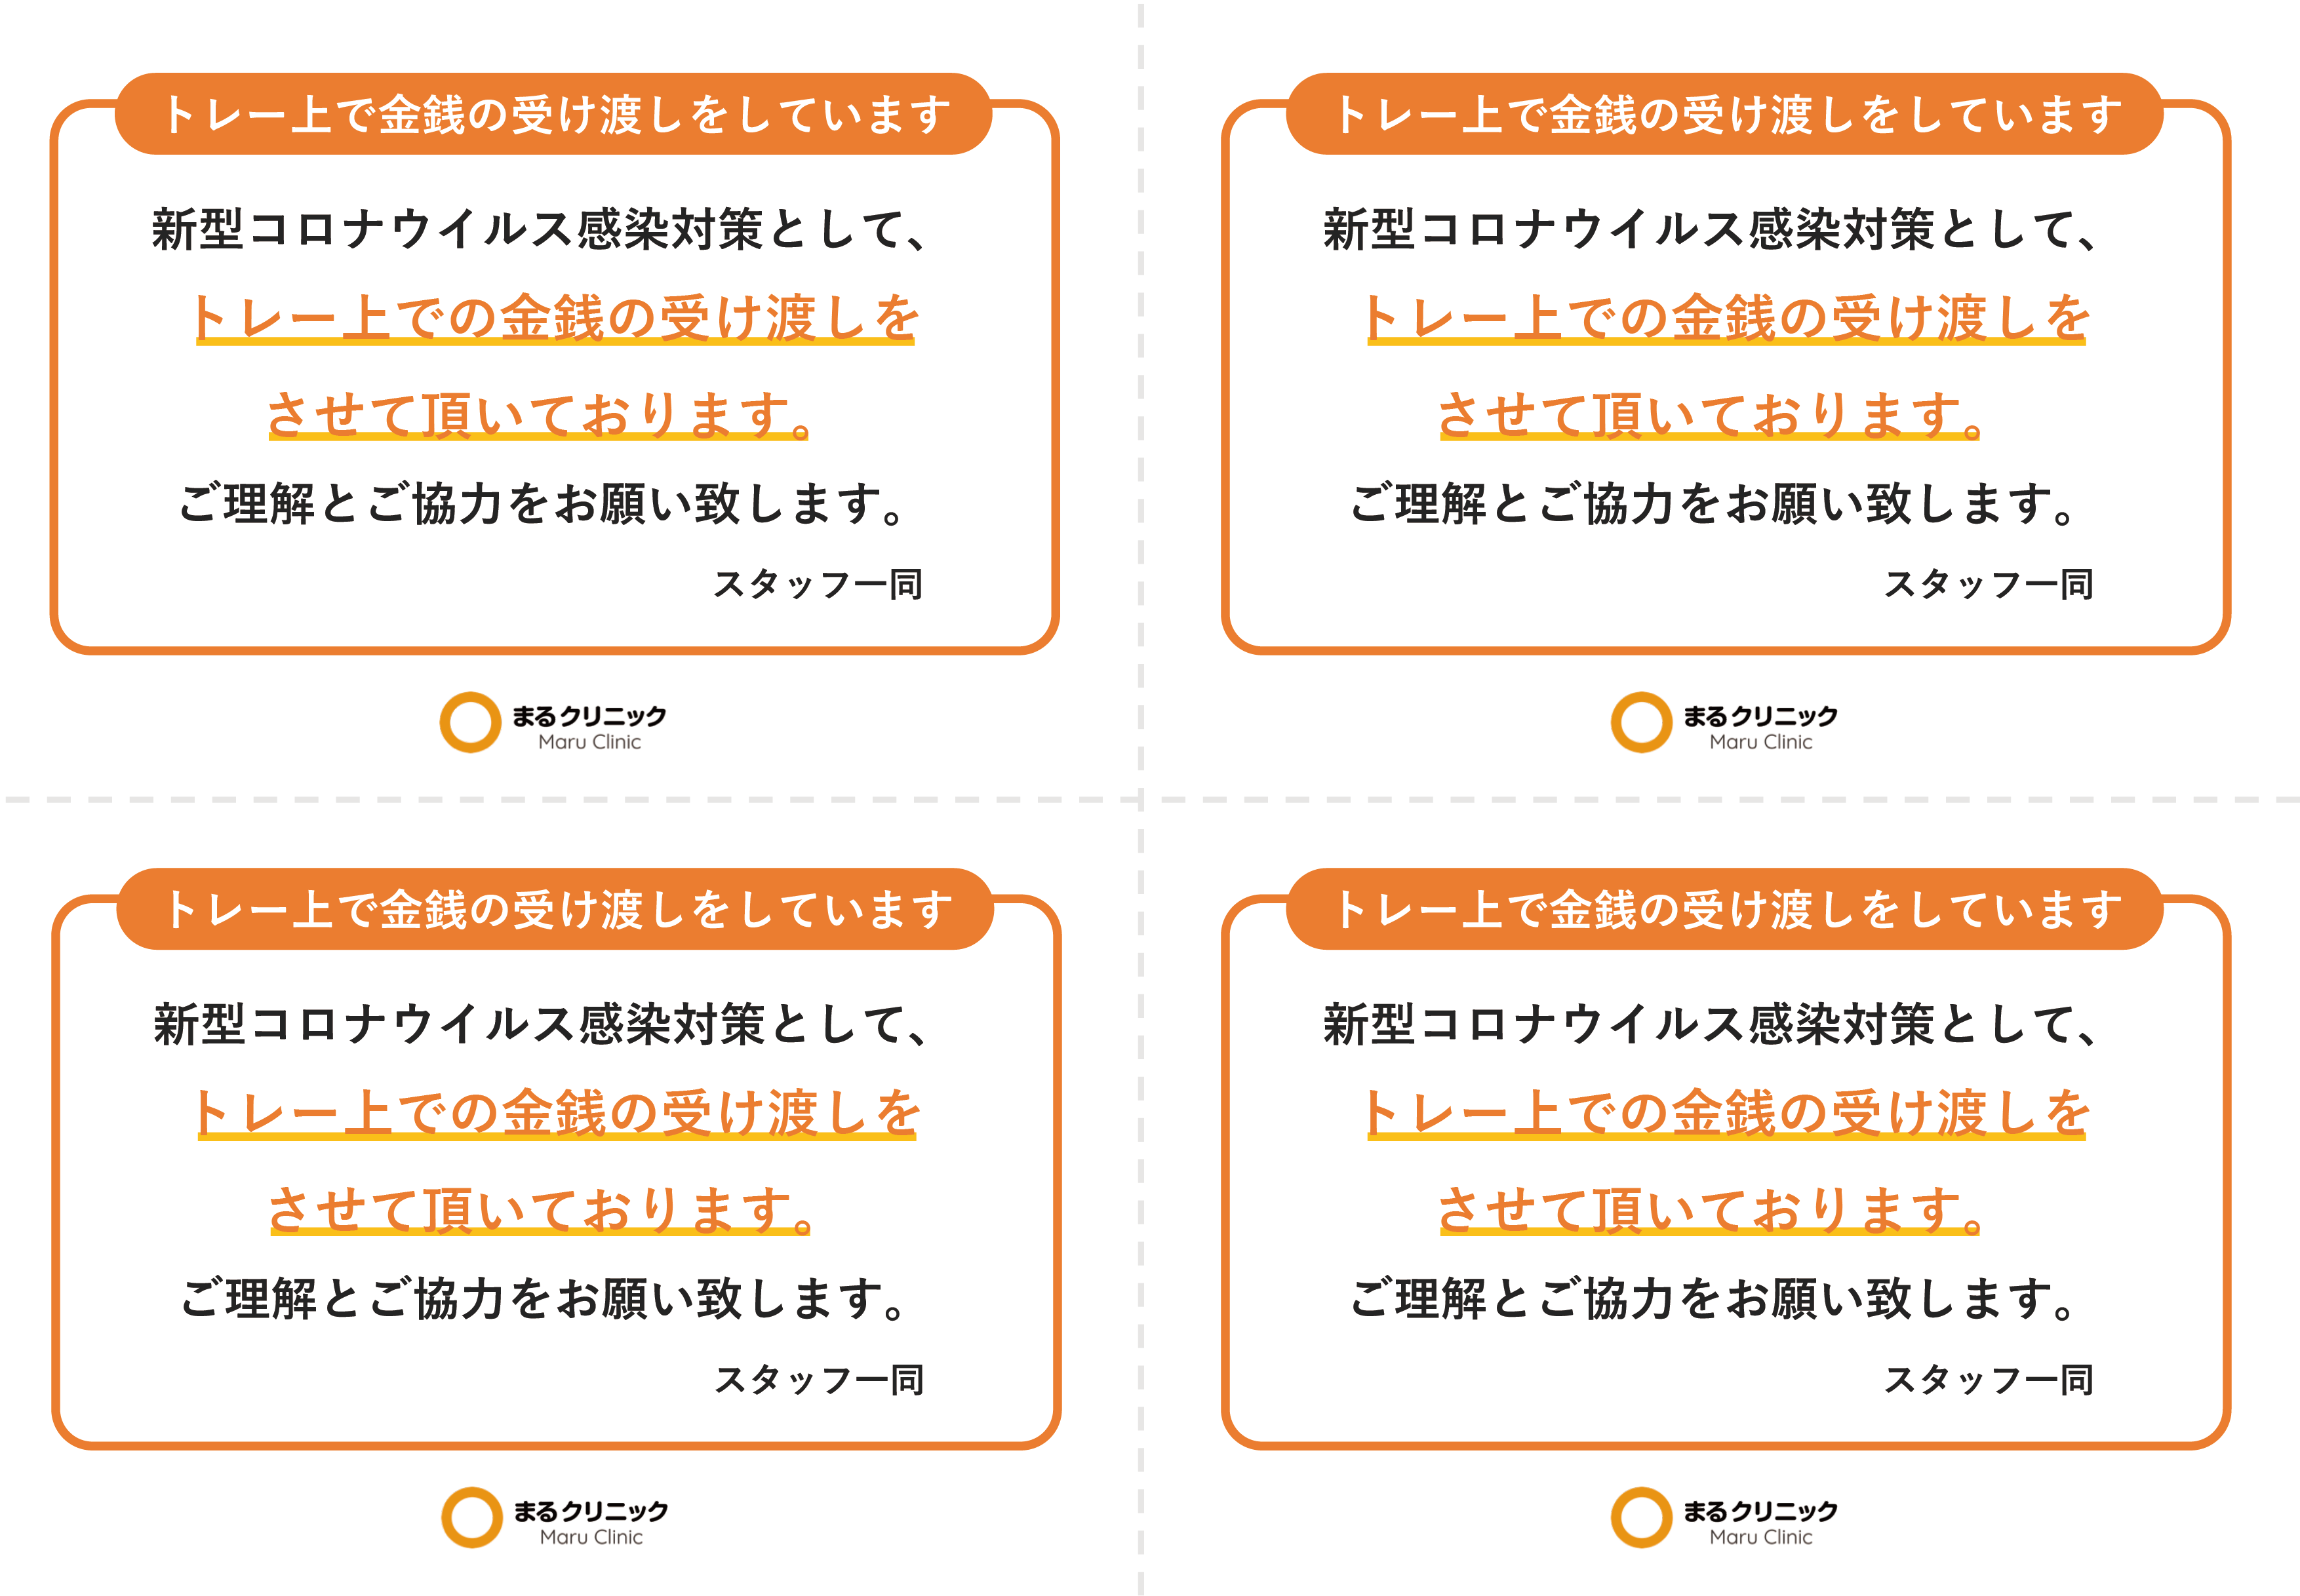 金銭の受け渡しミニ版 【新型コロナウイルス対策ツール】